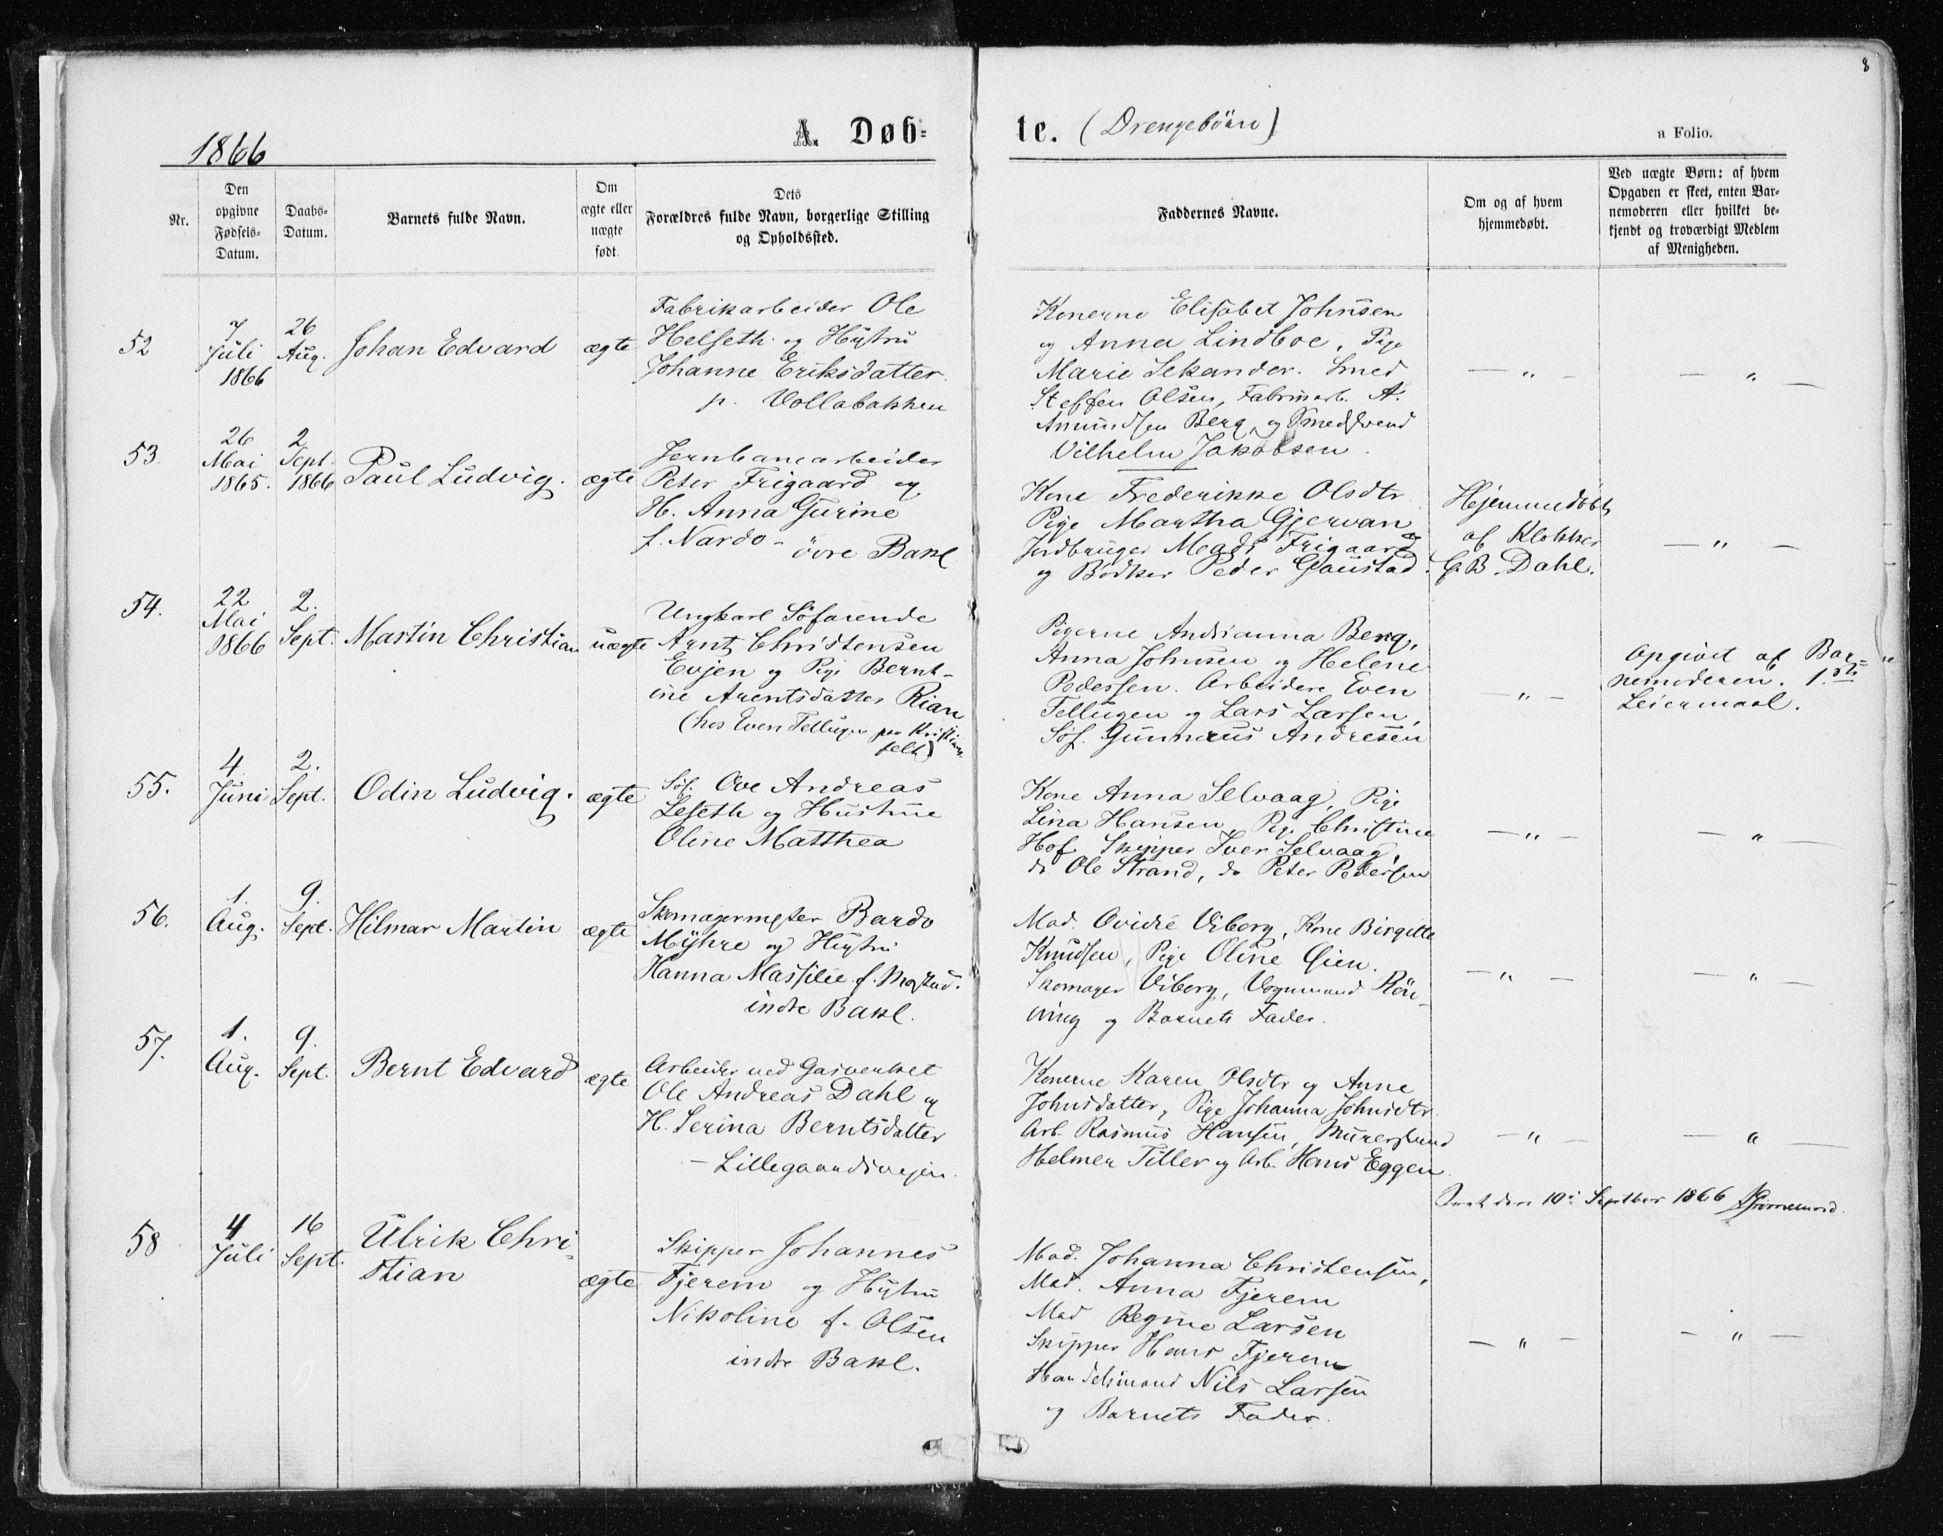 SAT, Ministerialprotokoller, klokkerbøker og fødselsregistre - Sør-Trøndelag, 604/L0186: Ministerialbok nr. 604A07, 1866-1877, s. 8